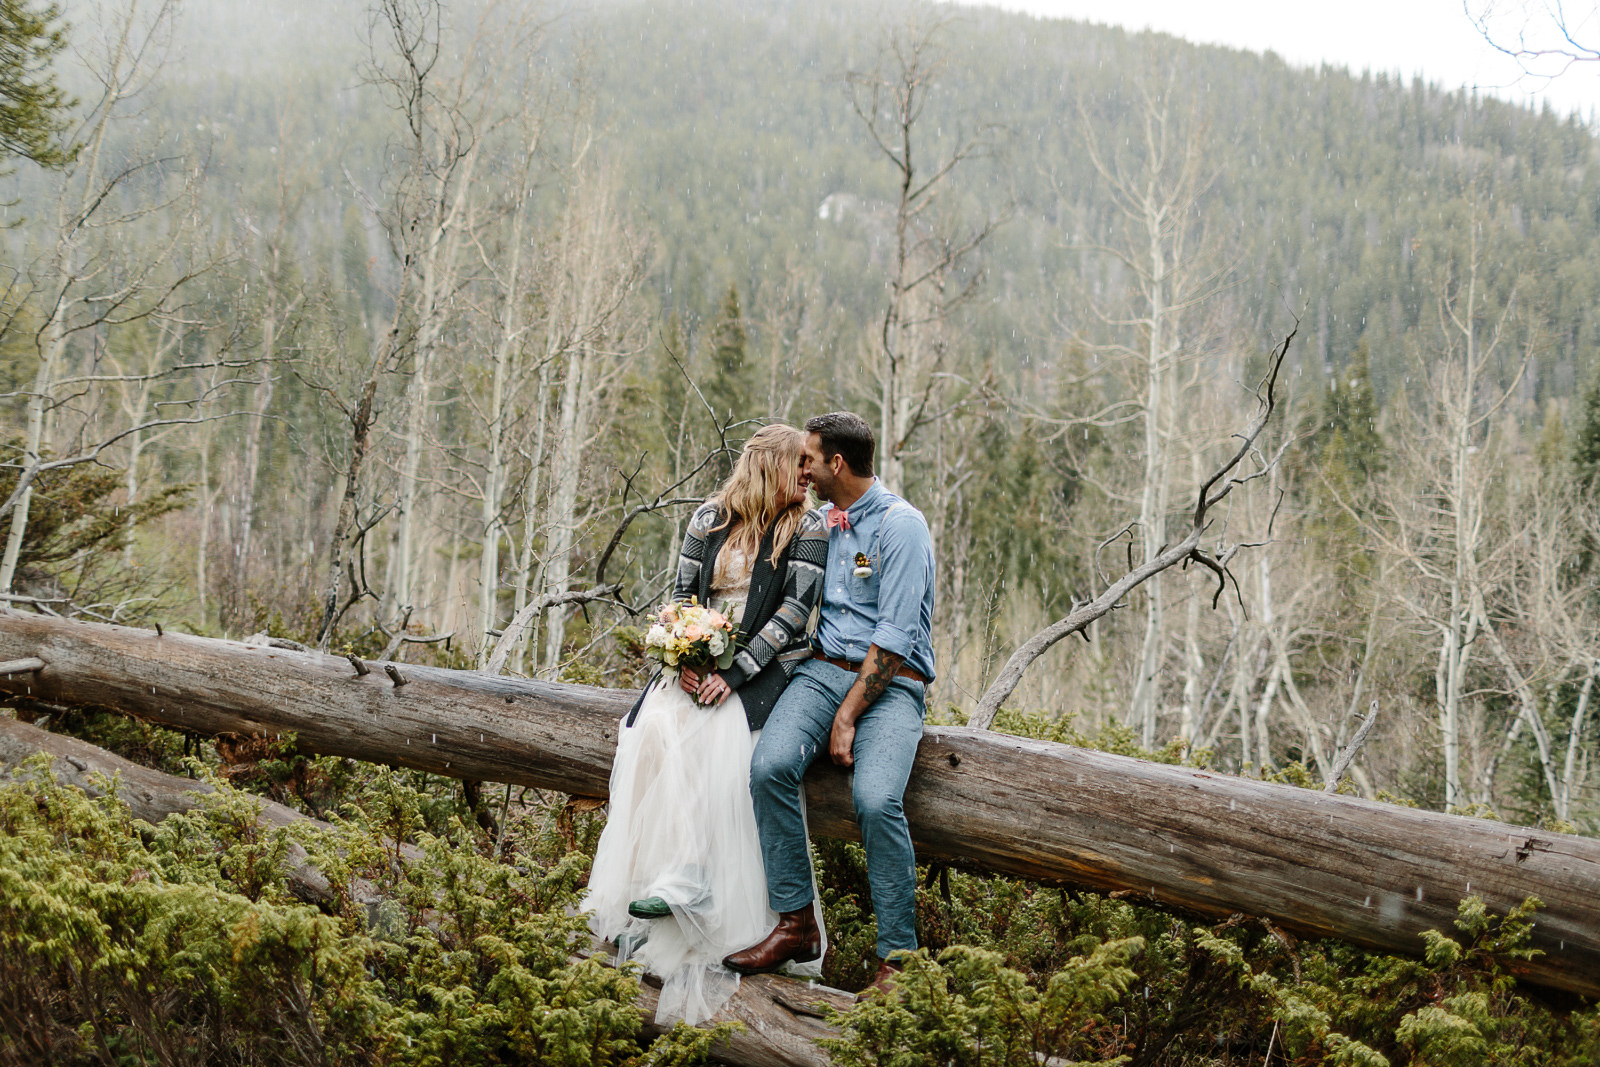 066-vail-elopement-photographer-chris-and-tara.jpg